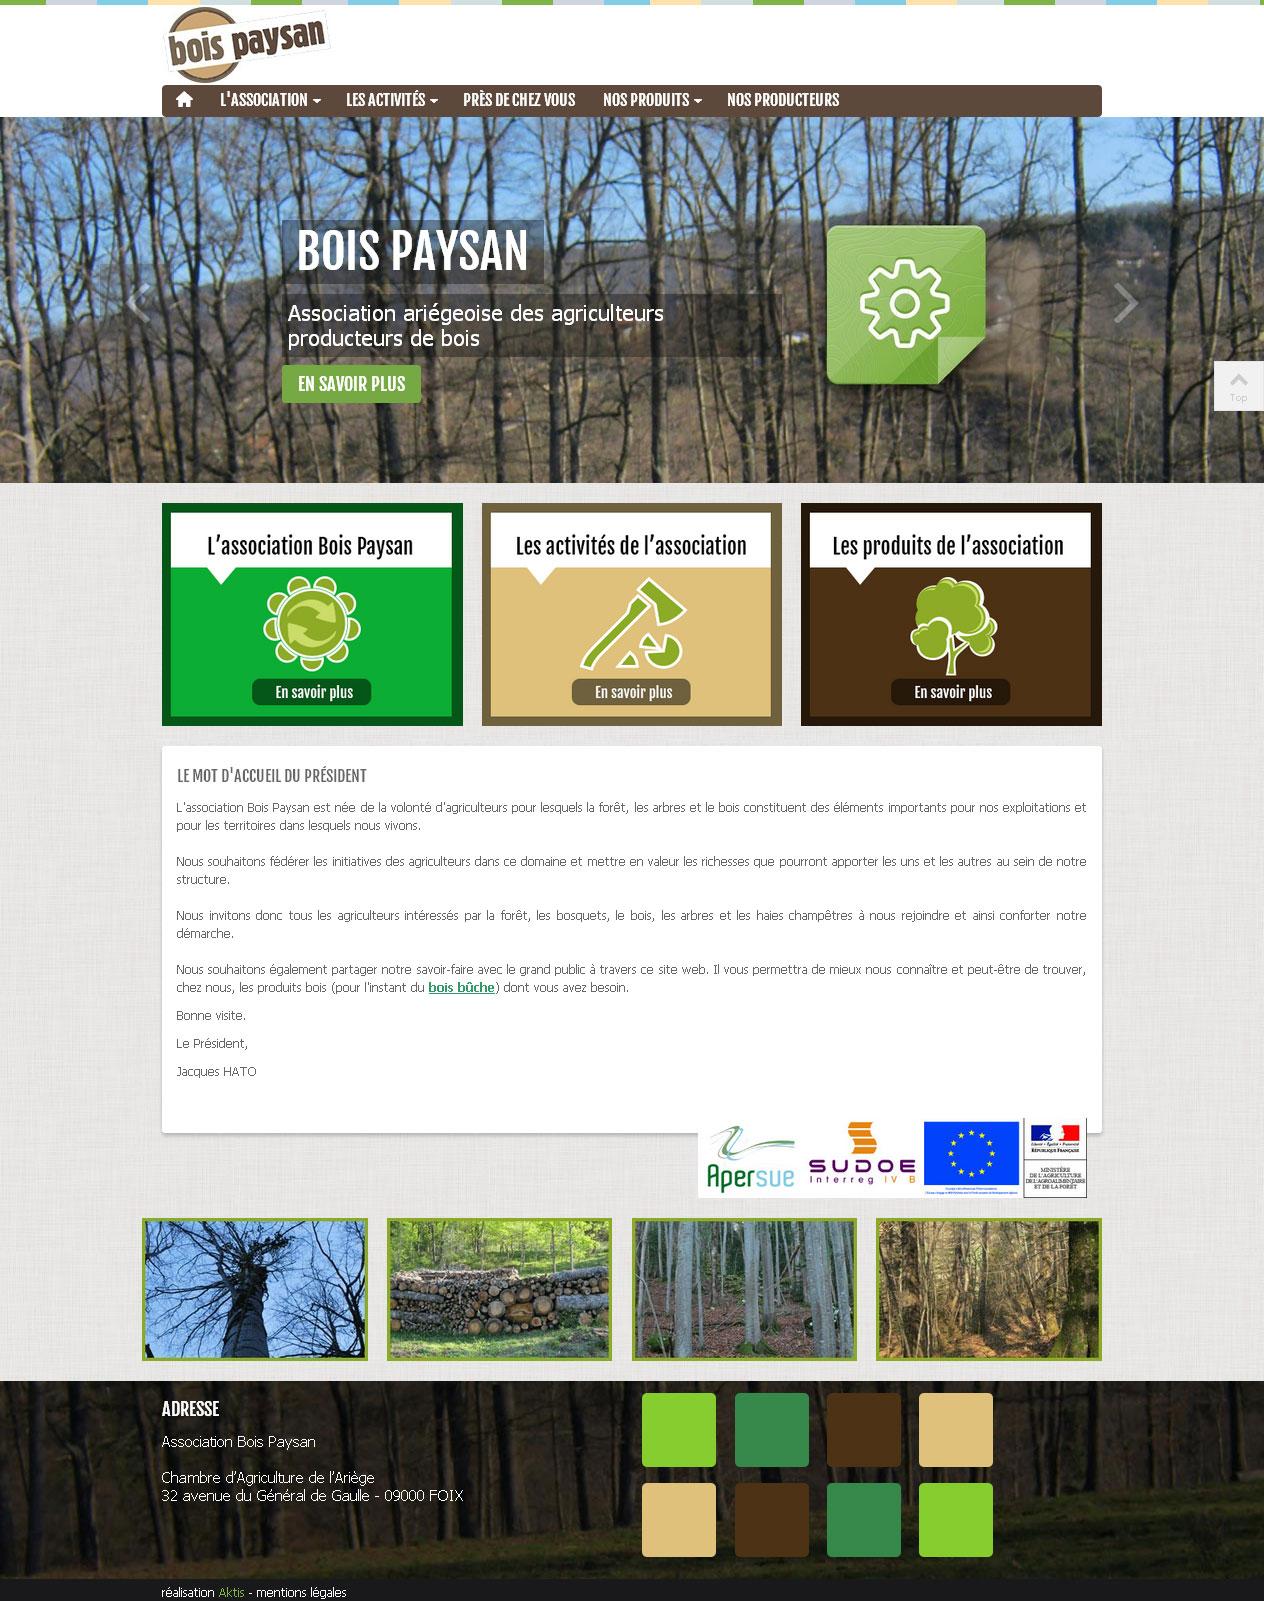 bois-paysan-web-joomla